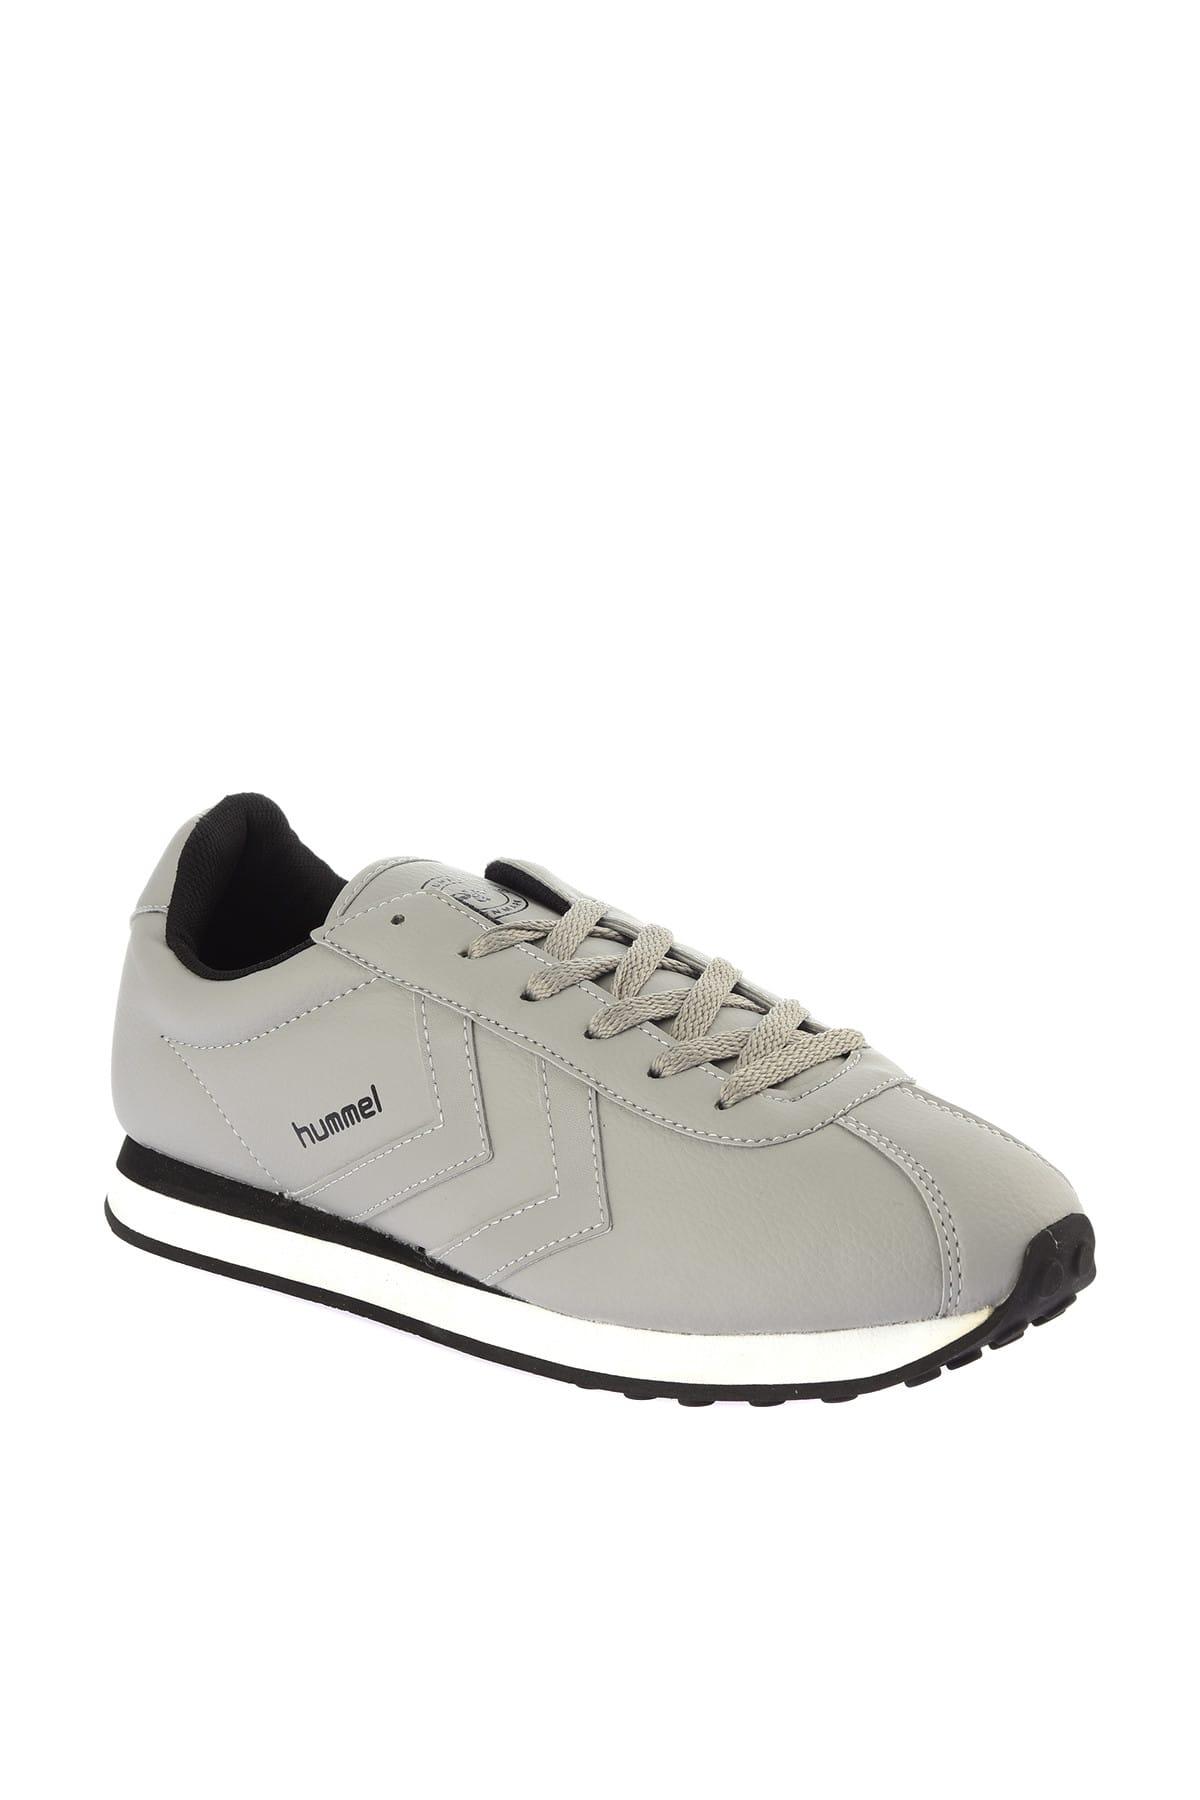 HUMMEL Unisex Gri Spor Ayakkabı - Hmlray Spor Ayakkabı 1